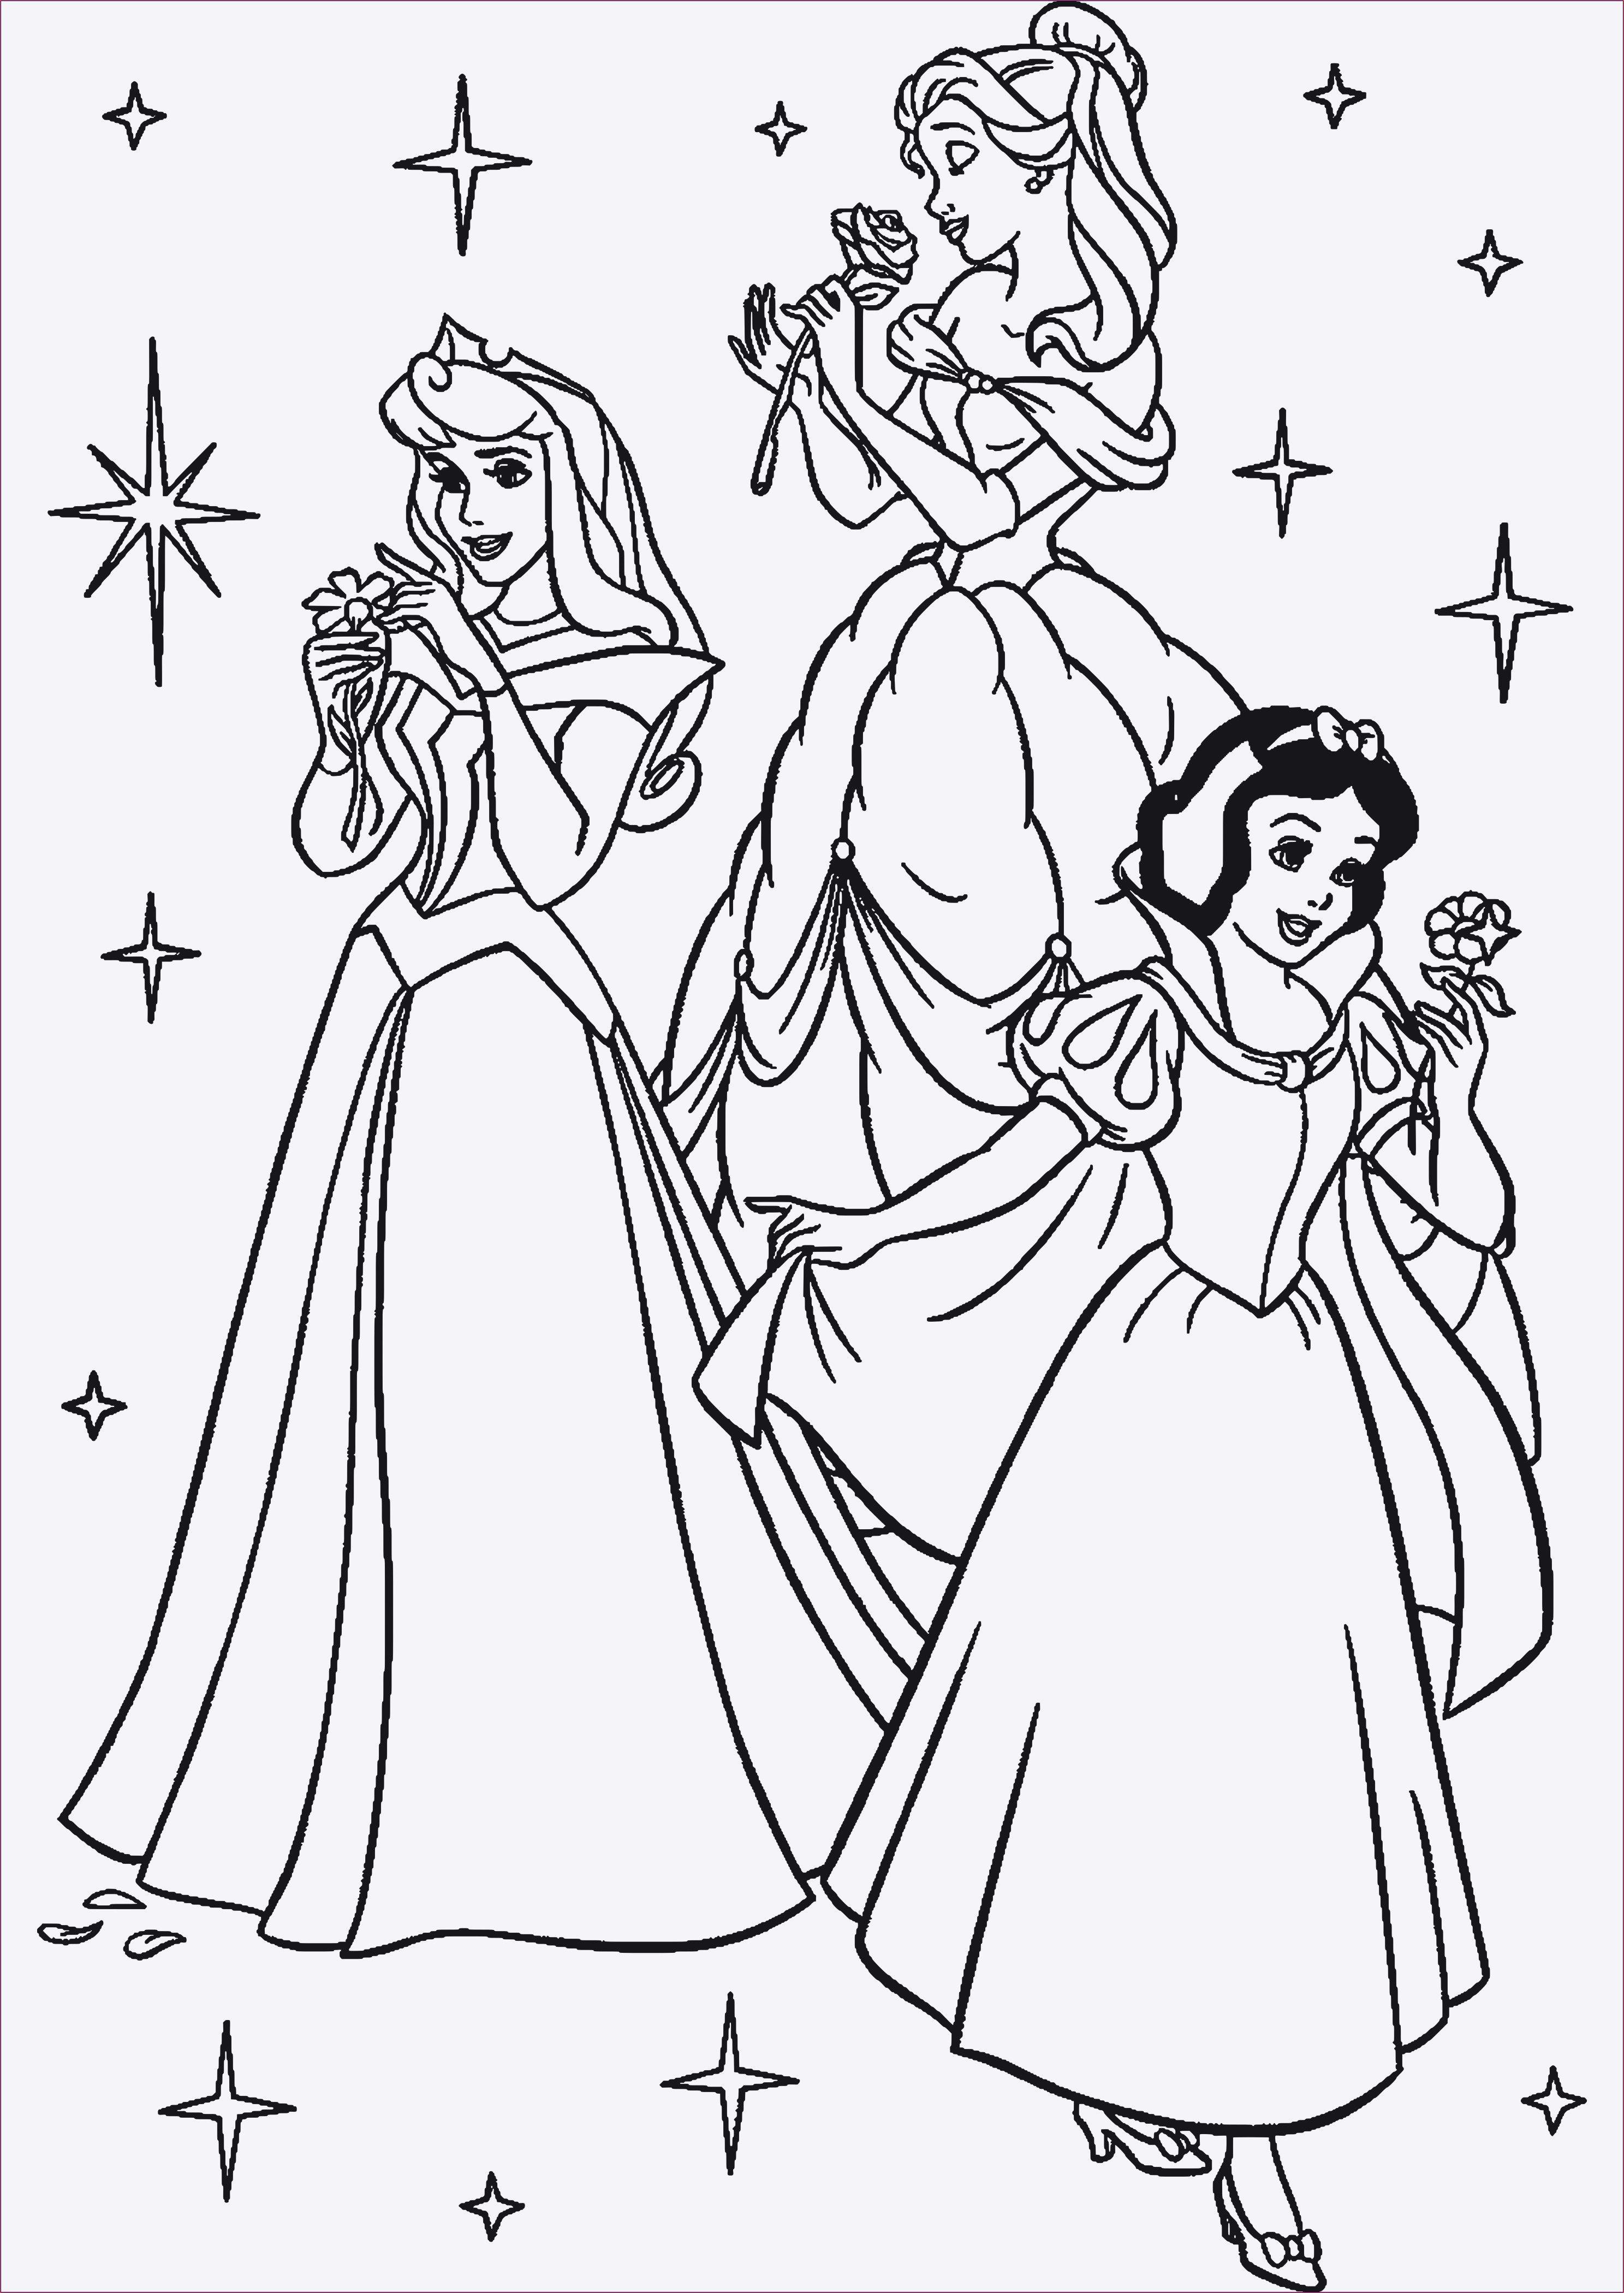 Disney Prinzessinnen Malvorlagen Das Beste Von Malvorlagen Gratis Prinzessin Disney Fotografieren